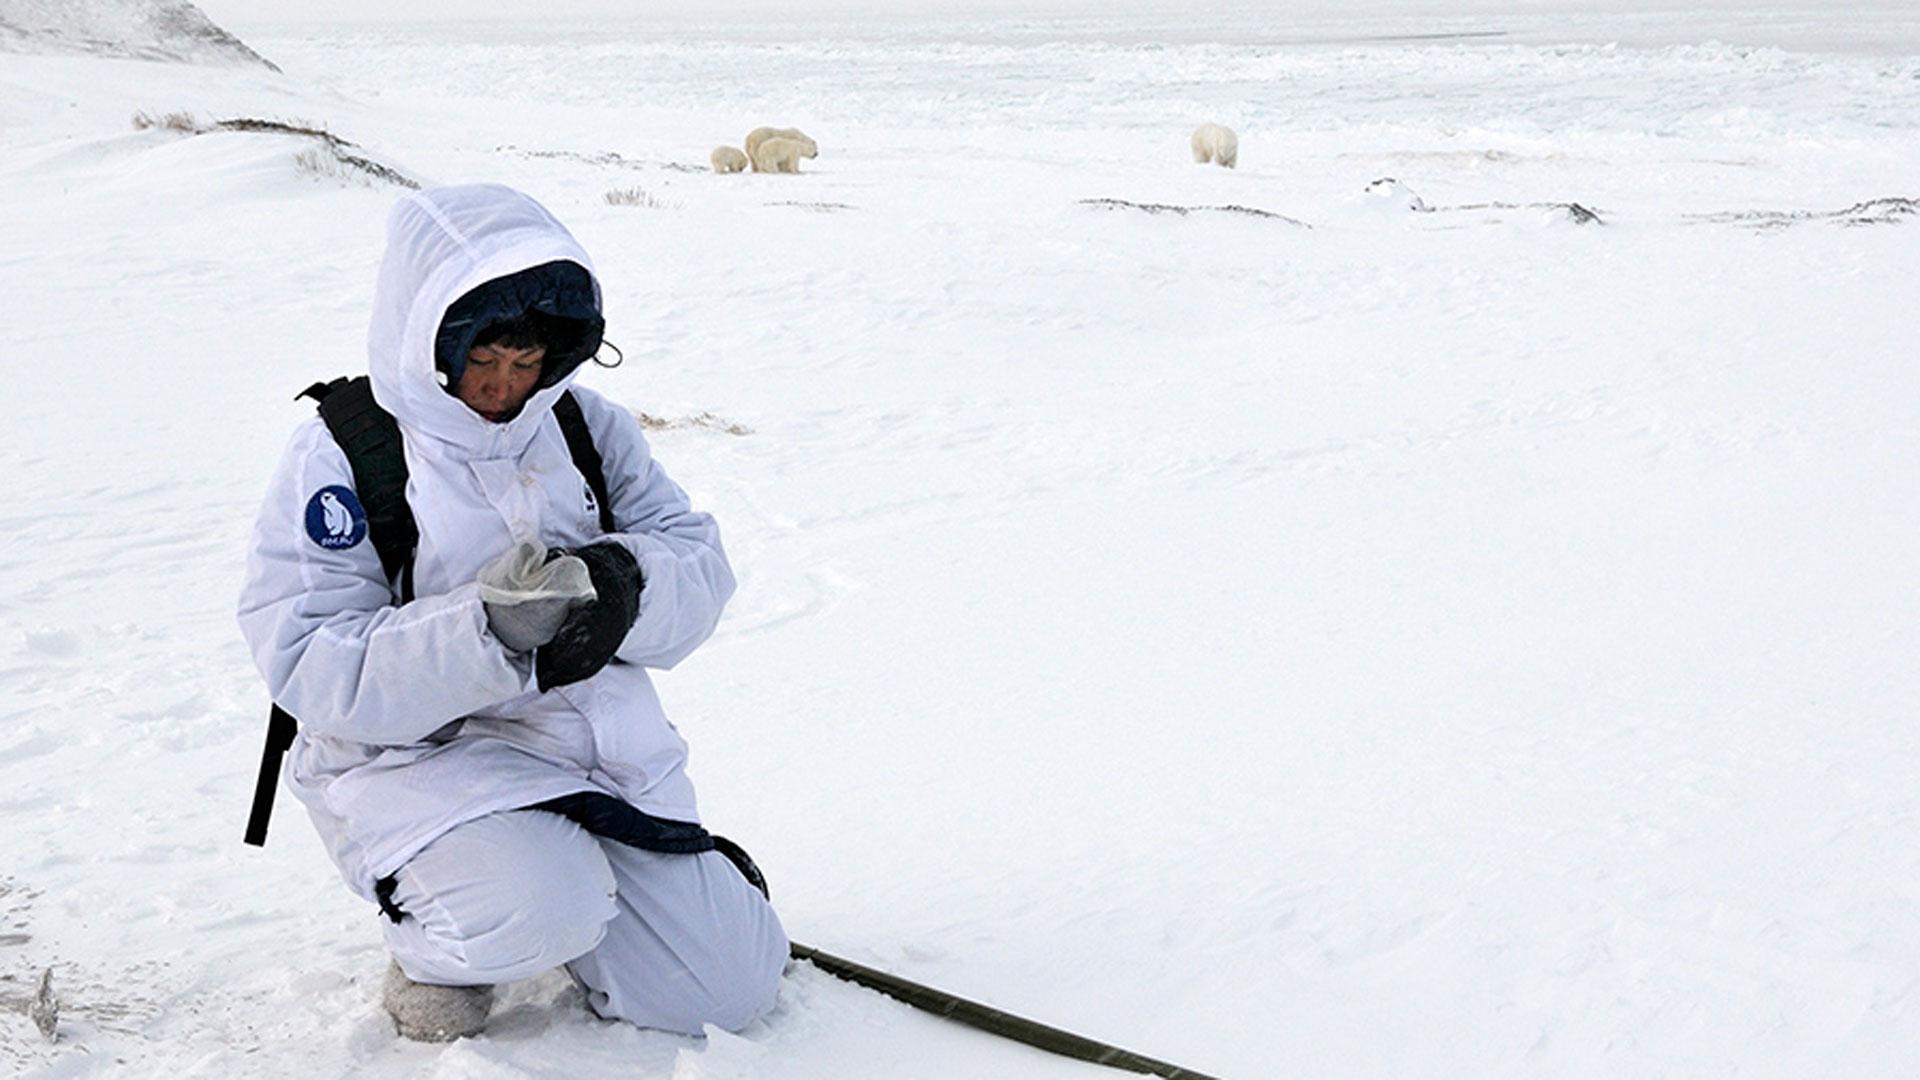 Eisbären-Invasion nahe des Dorfes Ryrkaypiy am Nordpolarmeer als Ausdruck des Klimawandels